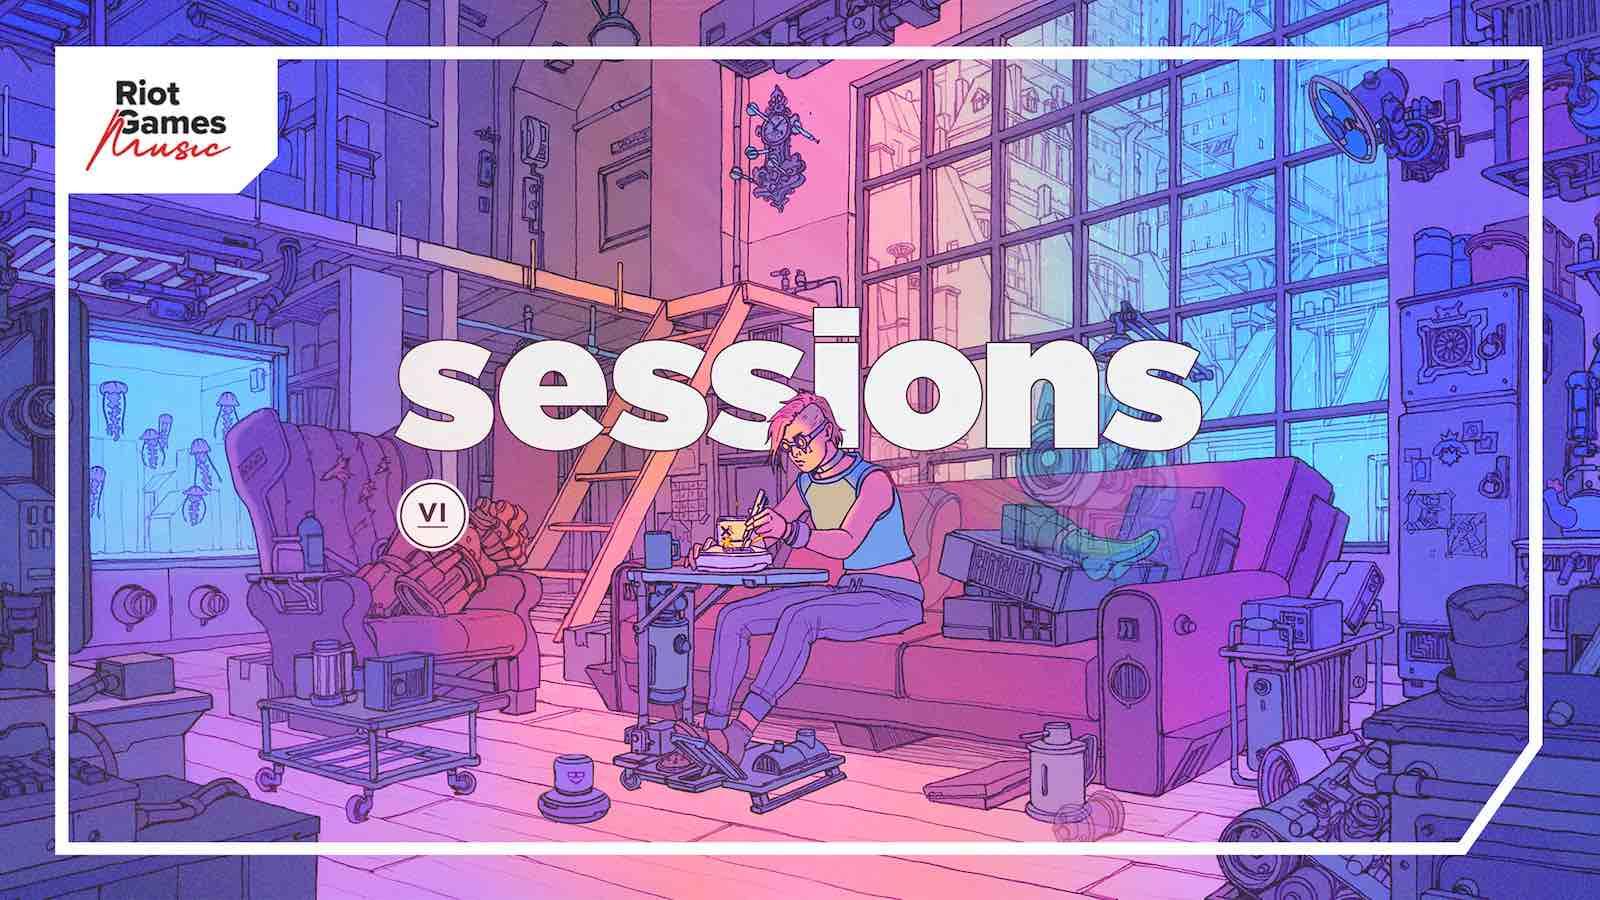 Riot Games presenta Sessions, una nueva colección de música gratuita para creadores